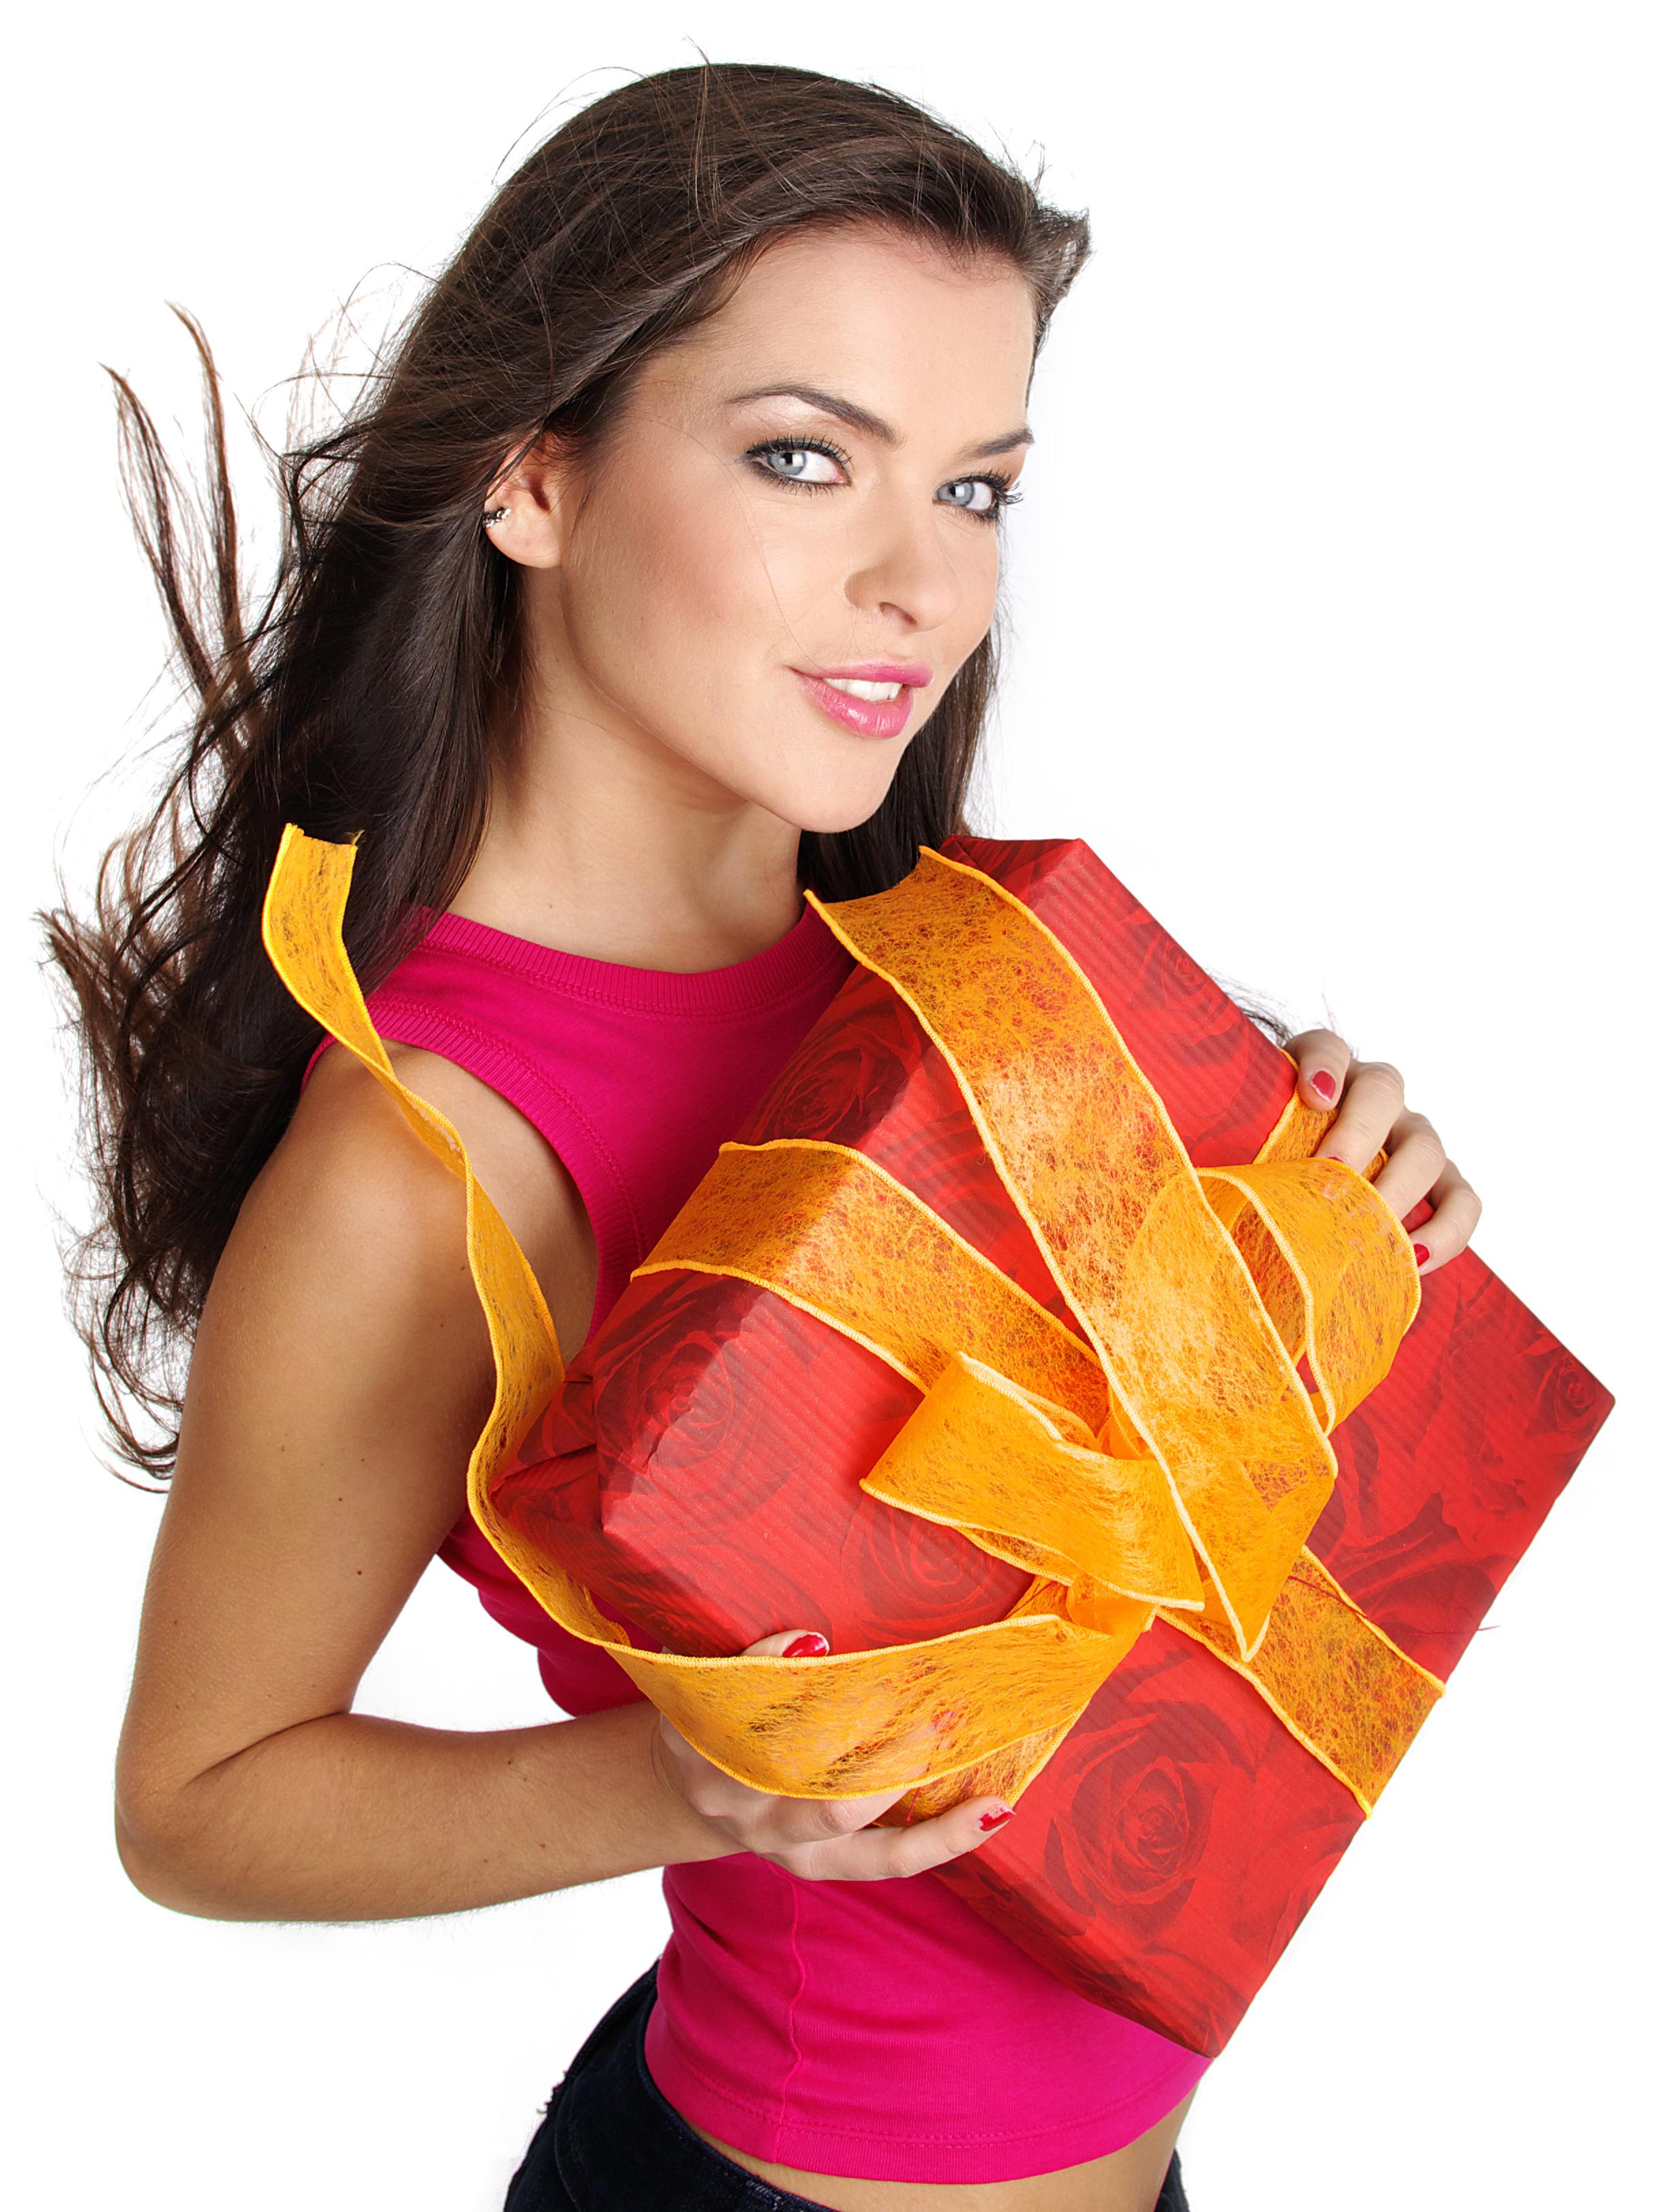 Красивая девушка с подарком в руках фото